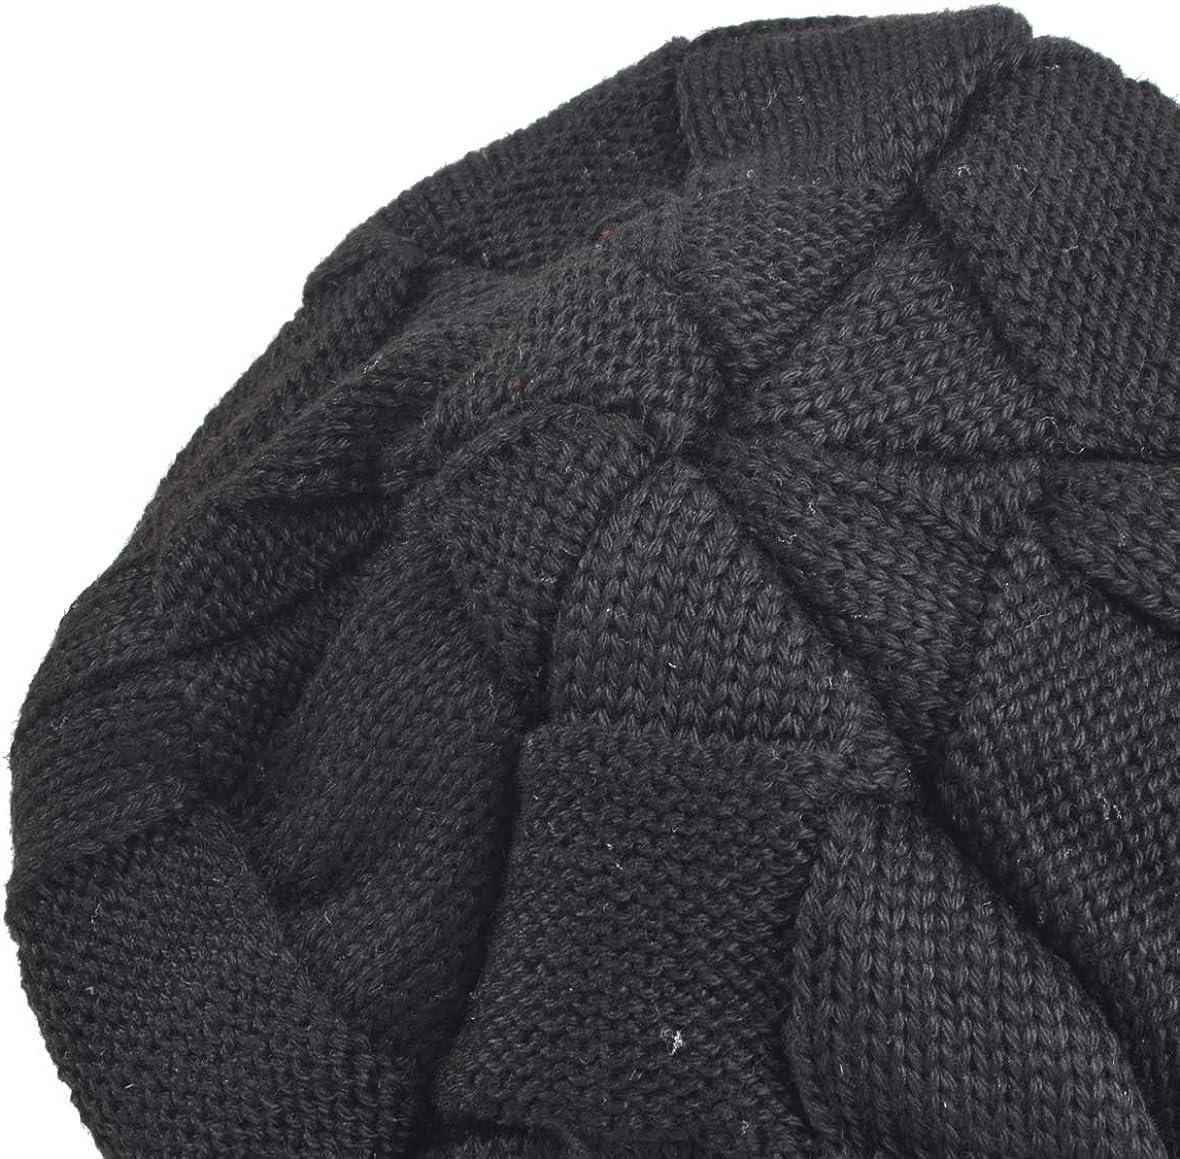 Ruphedy Men Knit Visor Beanie Hat Winter Thick Fleece Lined Newsboy Cap B319